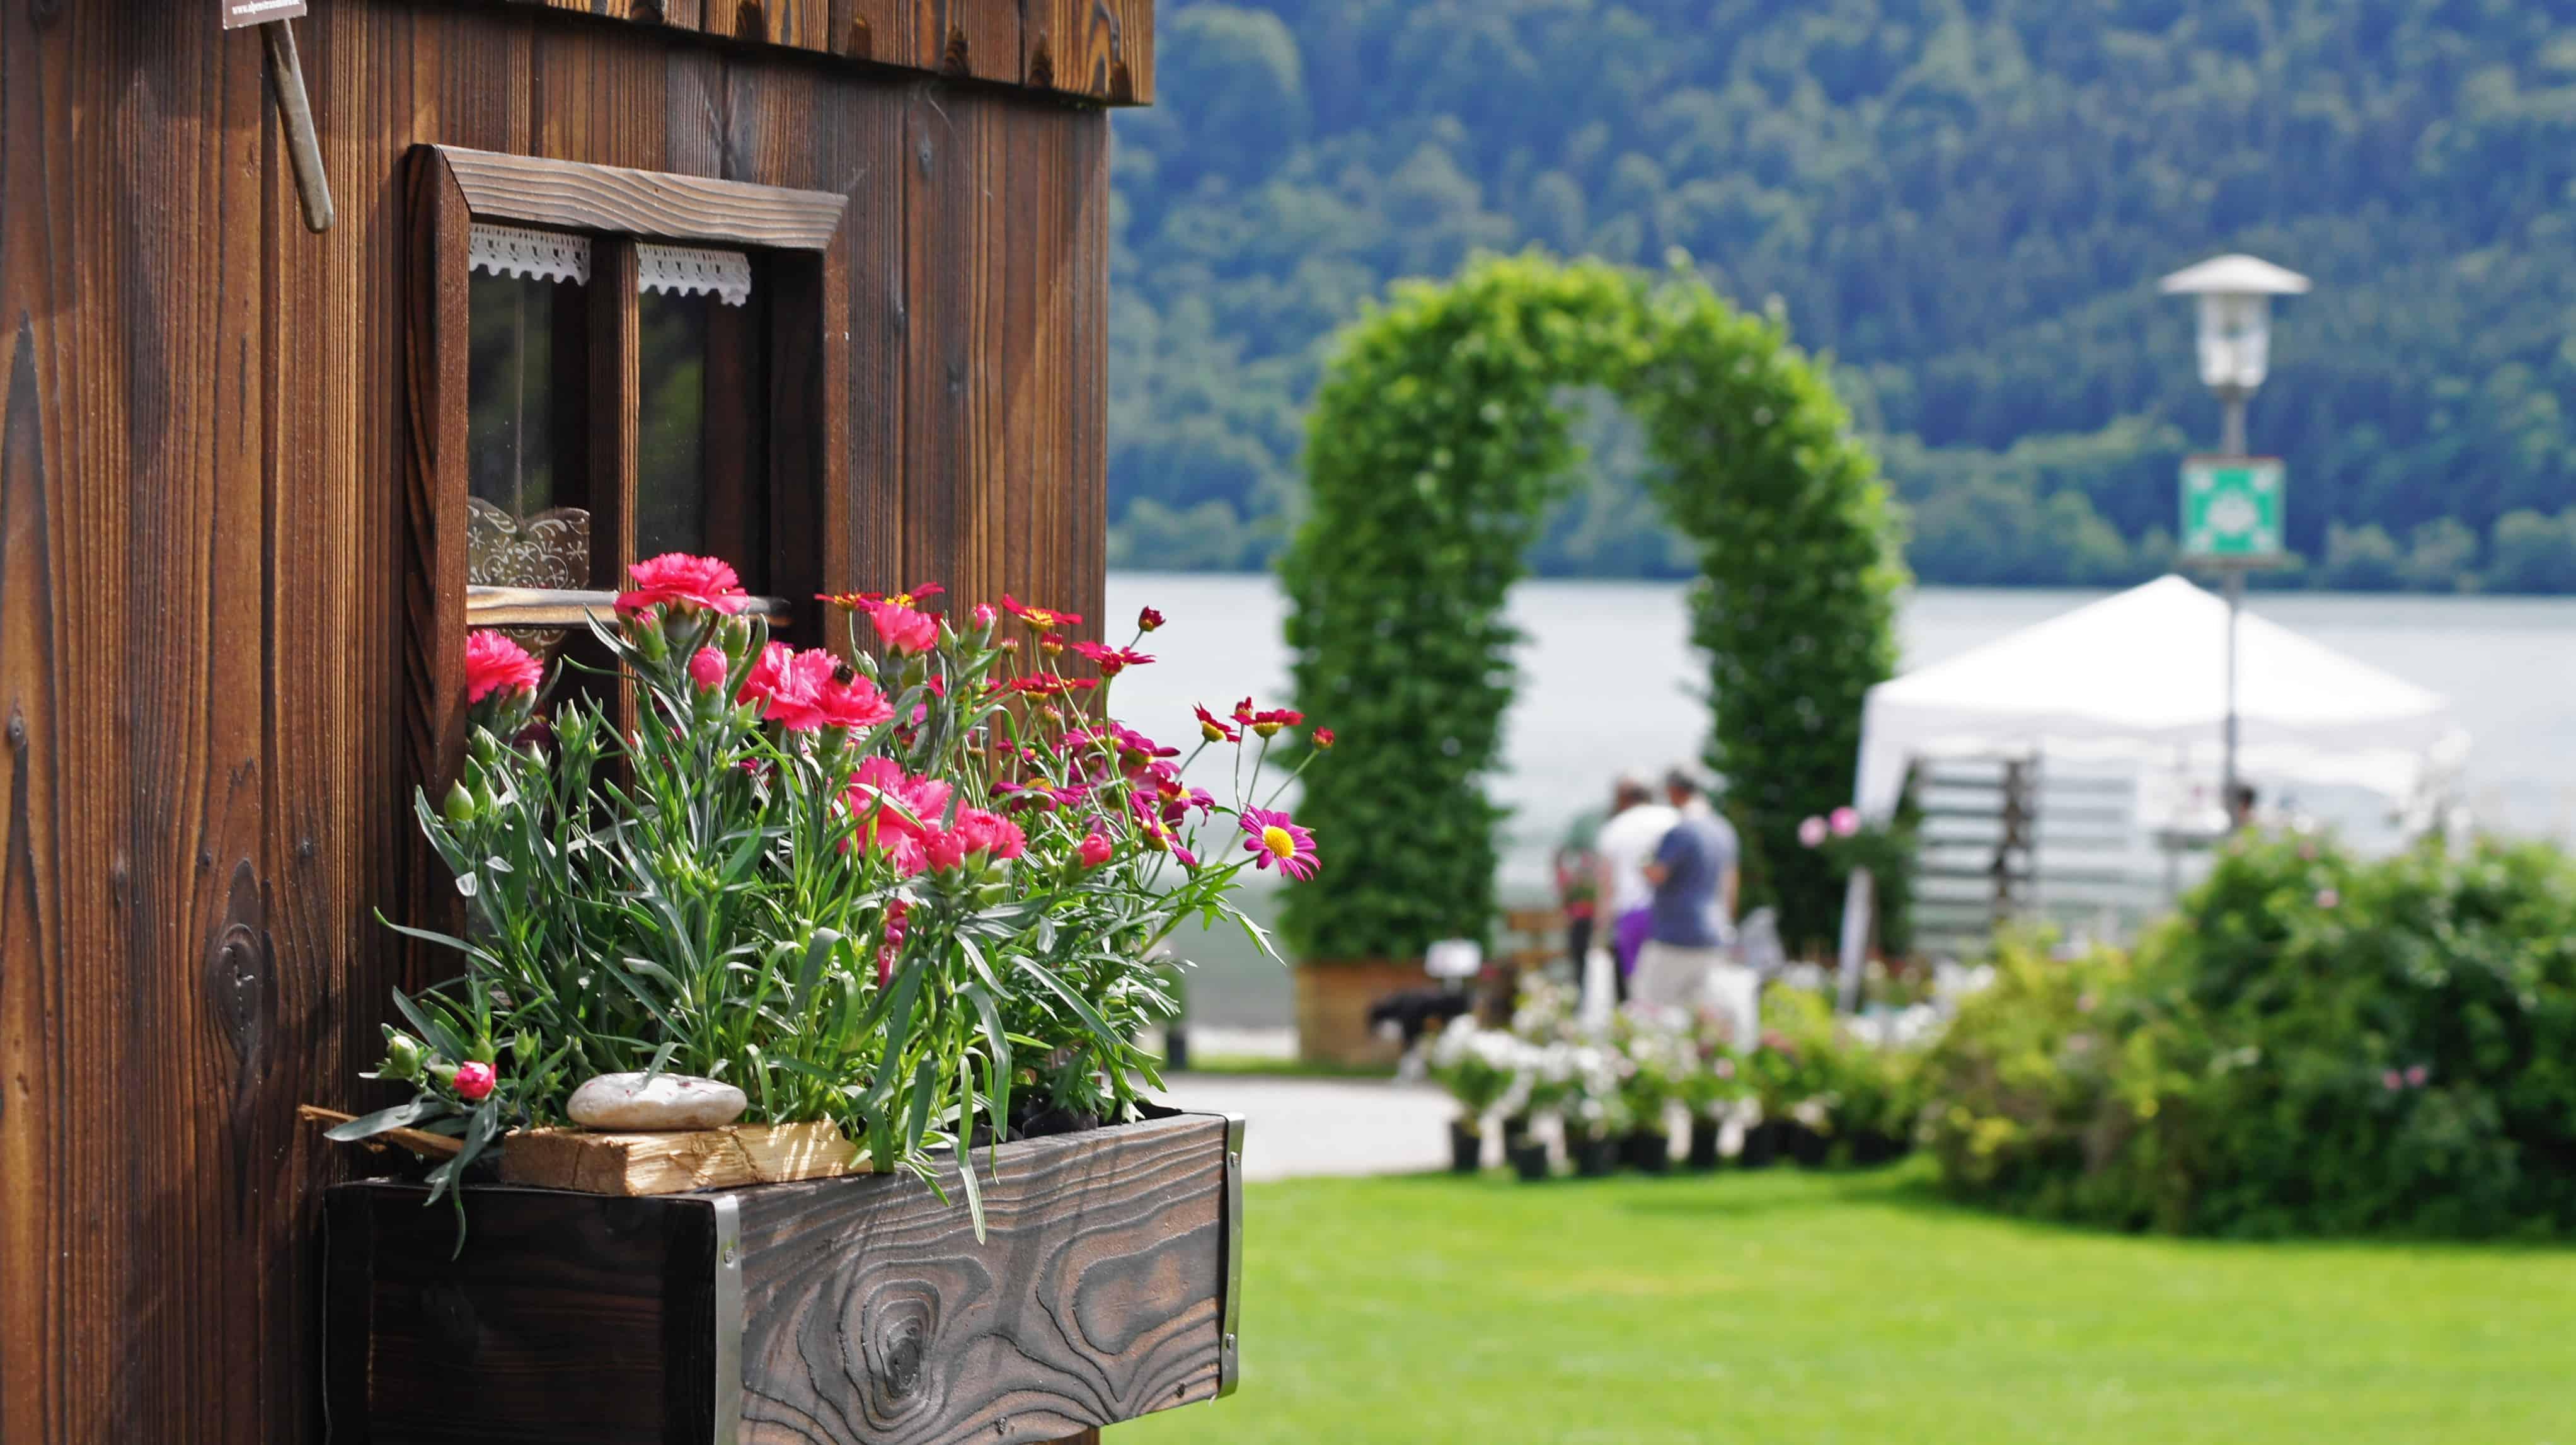 Schlierseer Gartenzauber 2018 - Judith Weber (45)